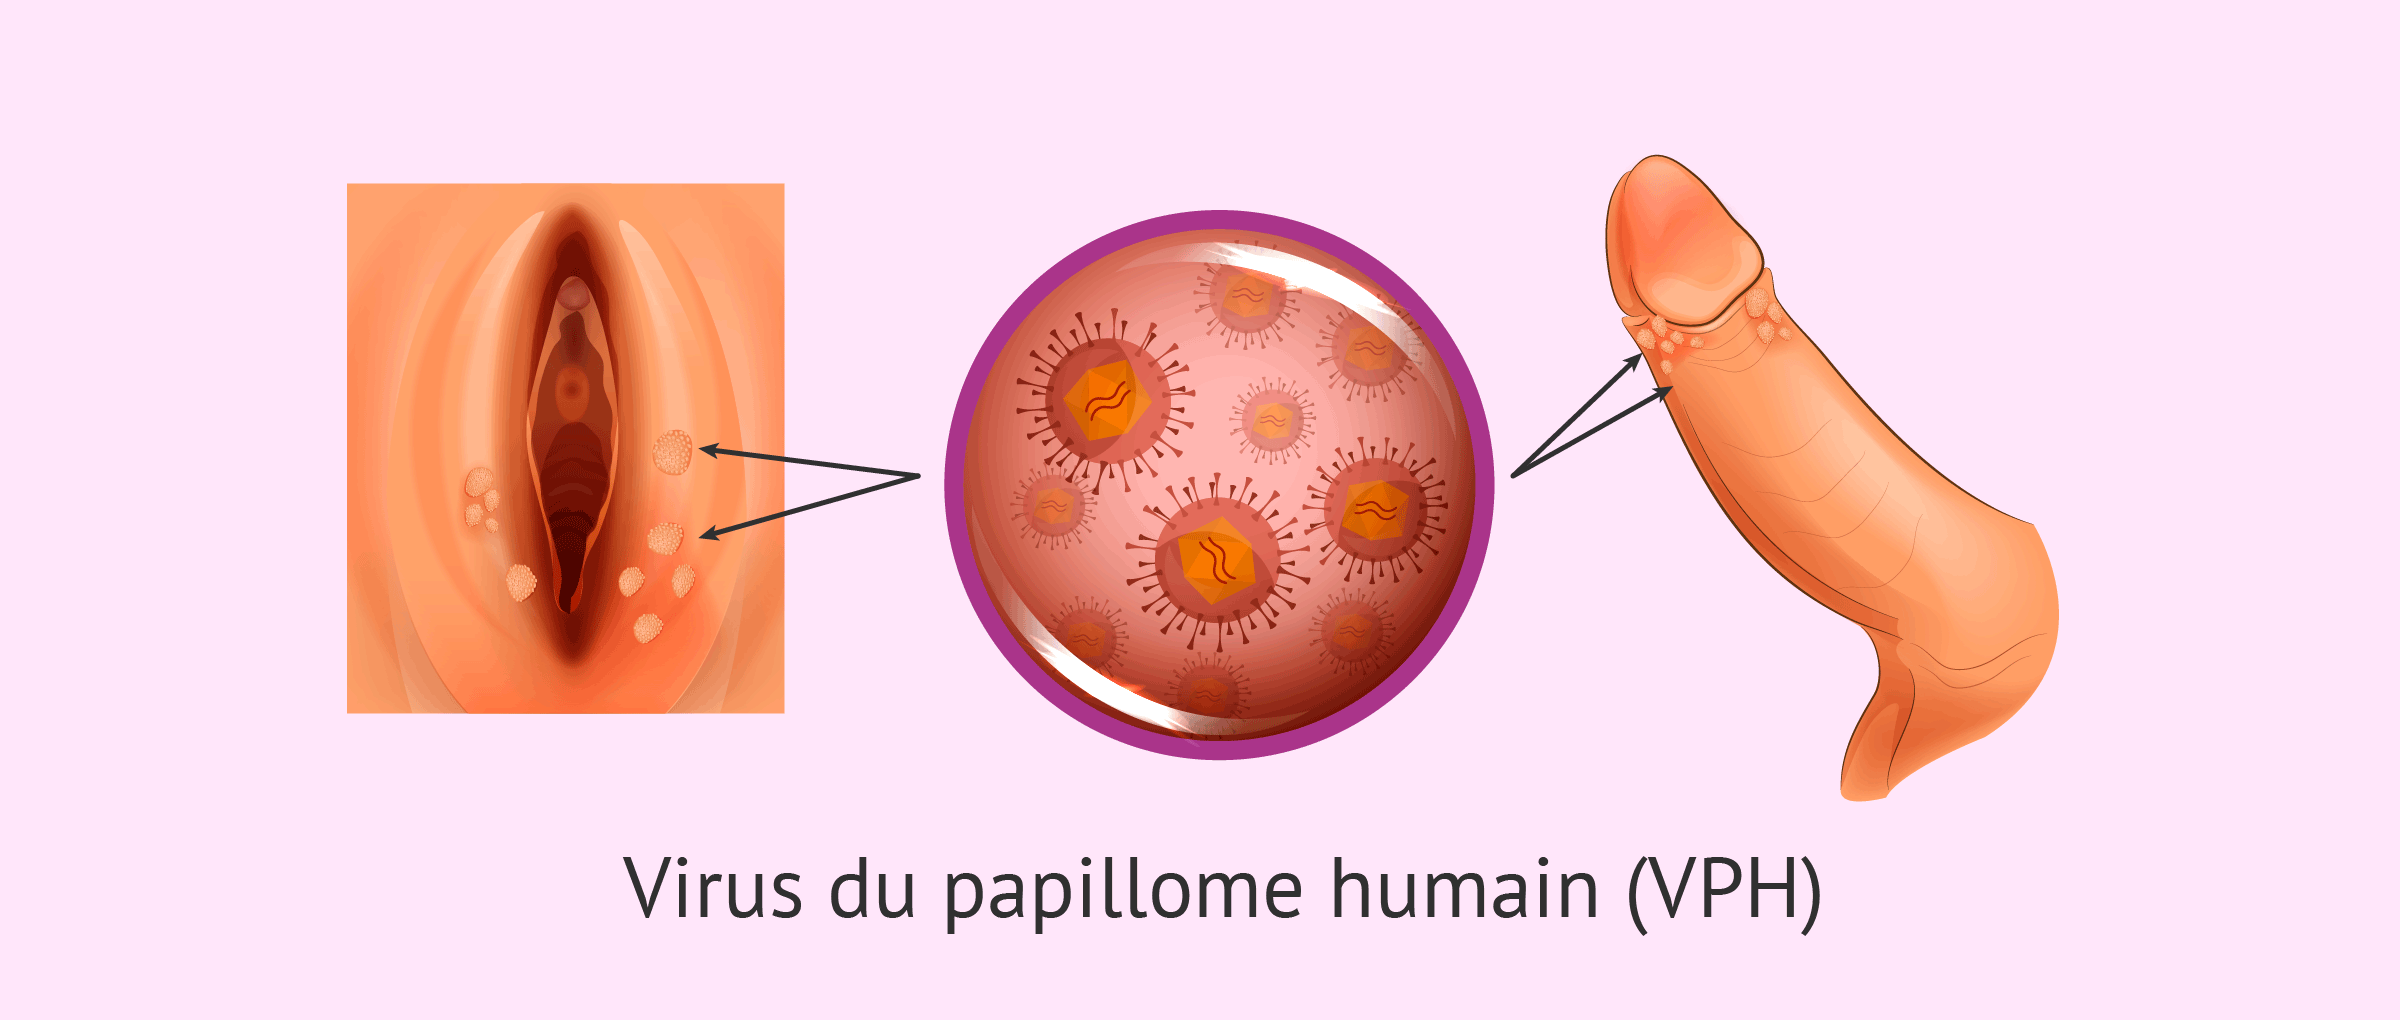 papillomavirus humain)